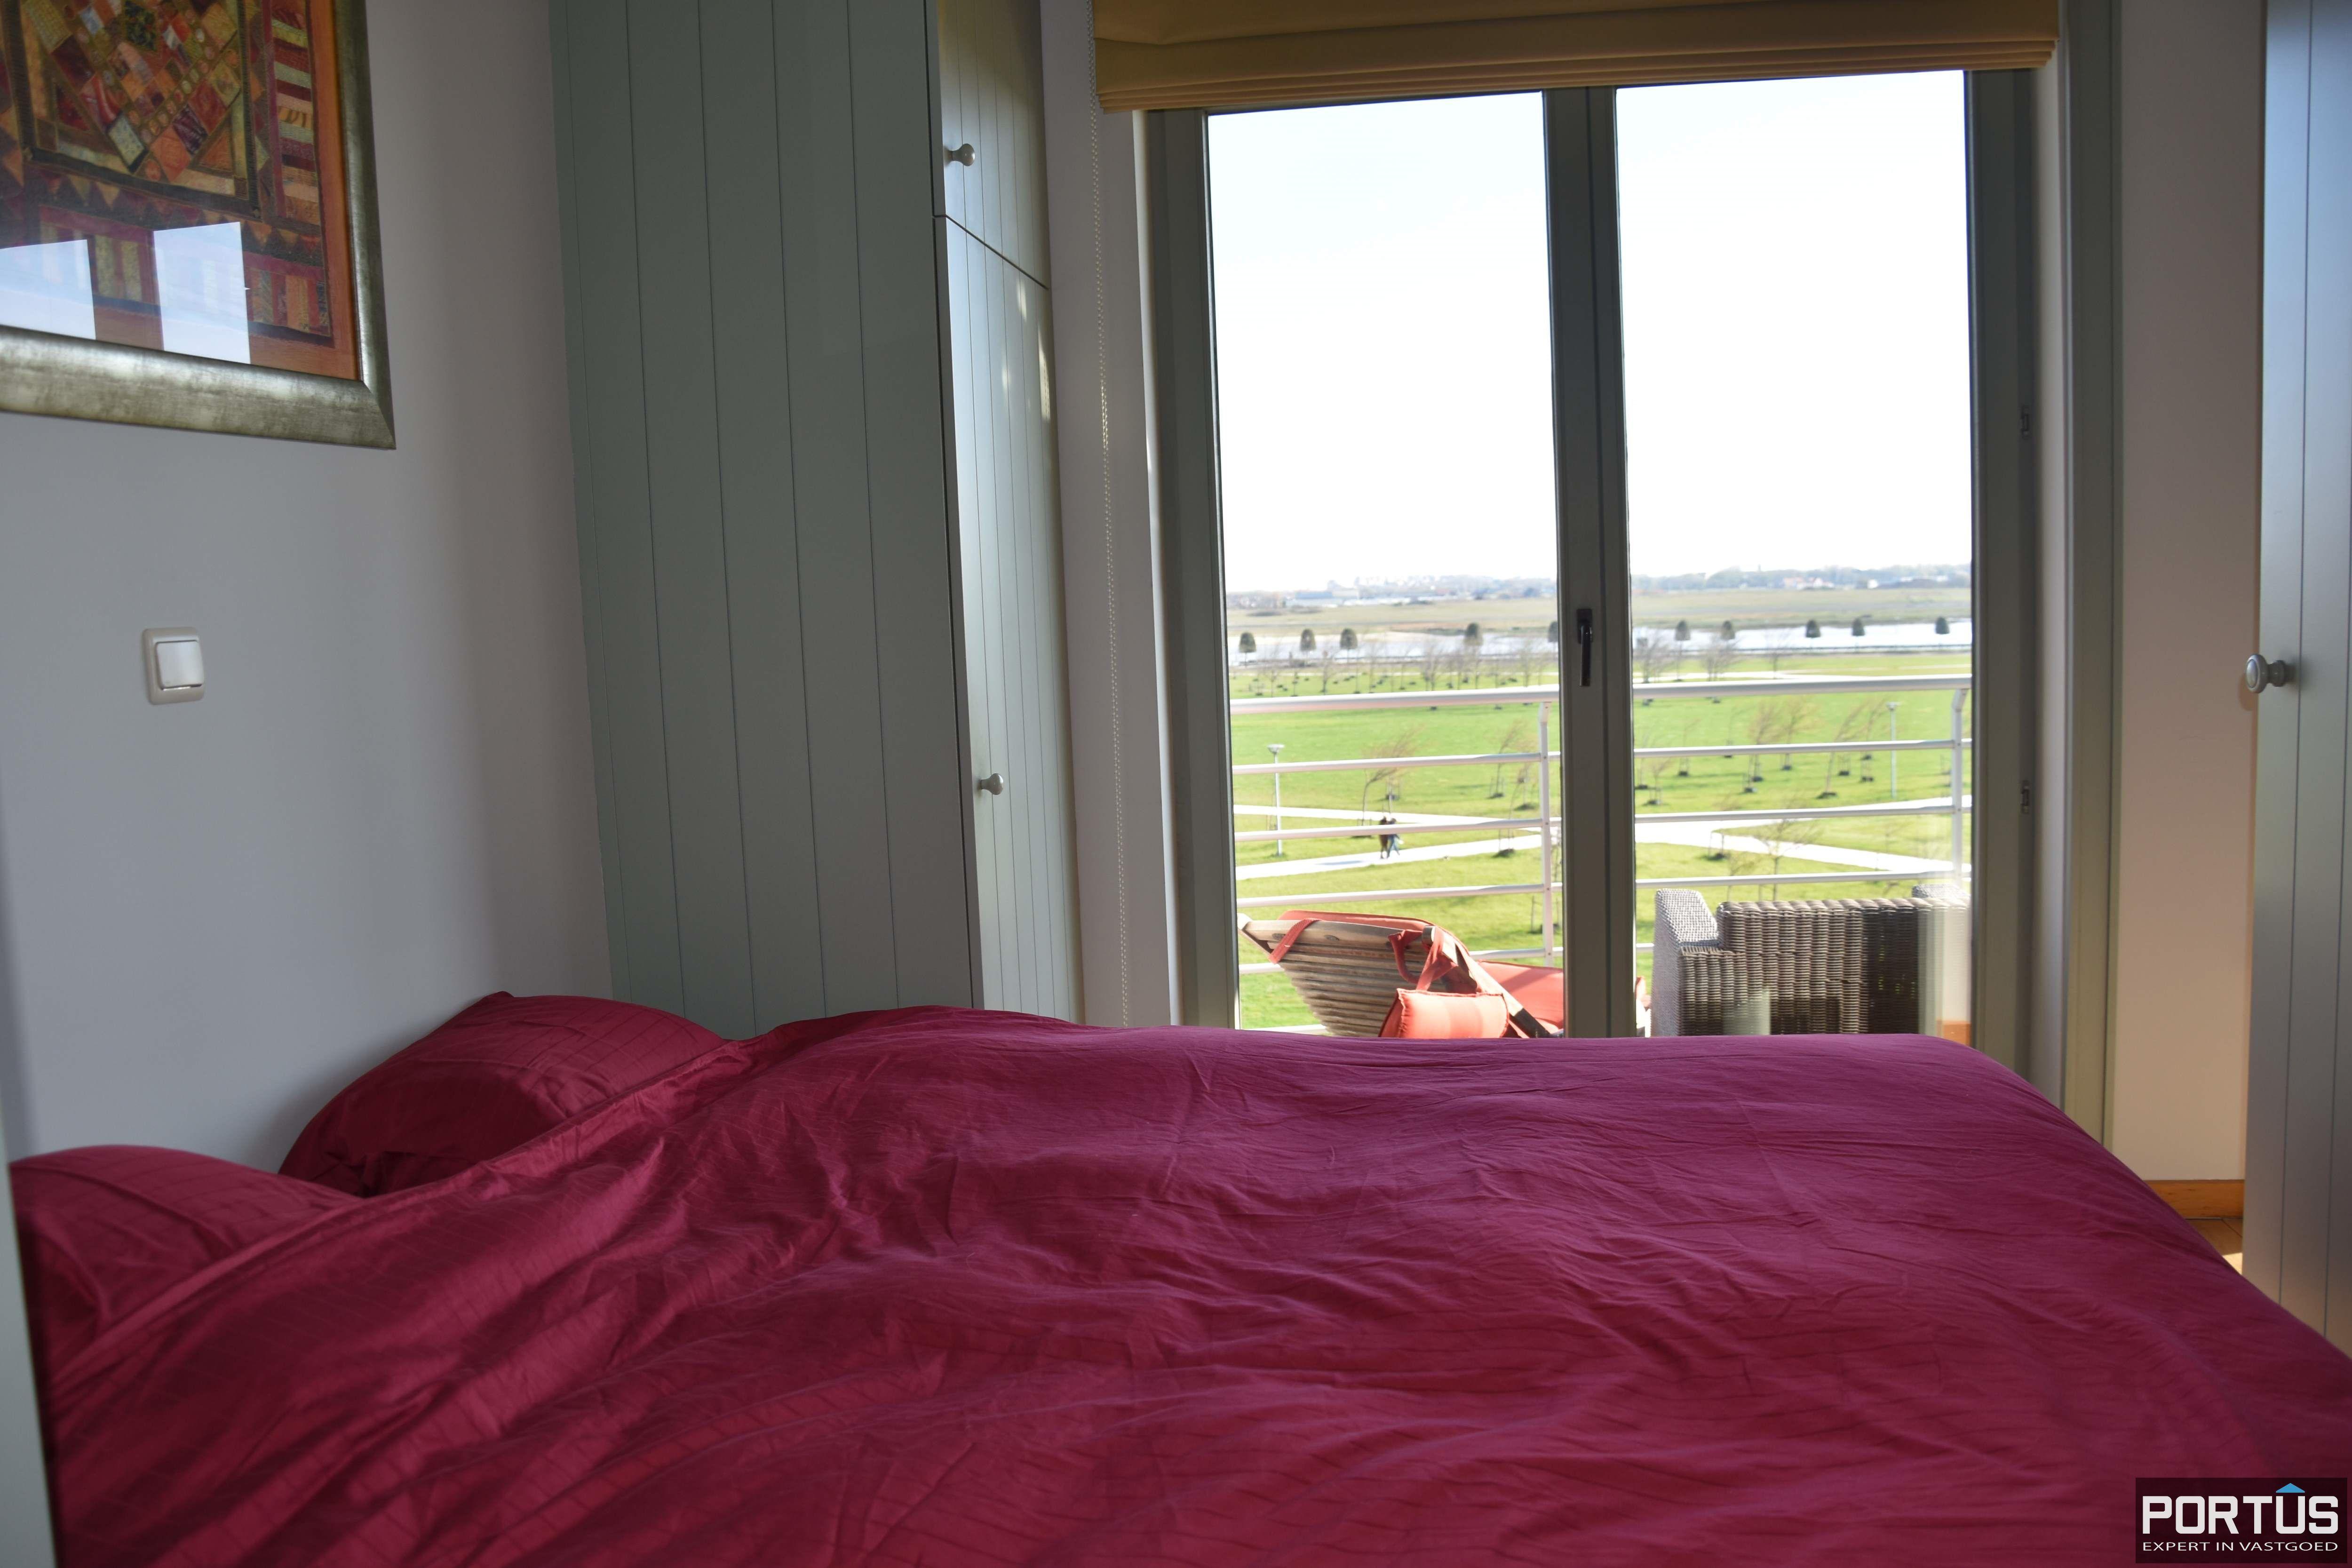 Appartement met slaapkamer, slaaphoek en parking te huur Nieuwpoort - 9539